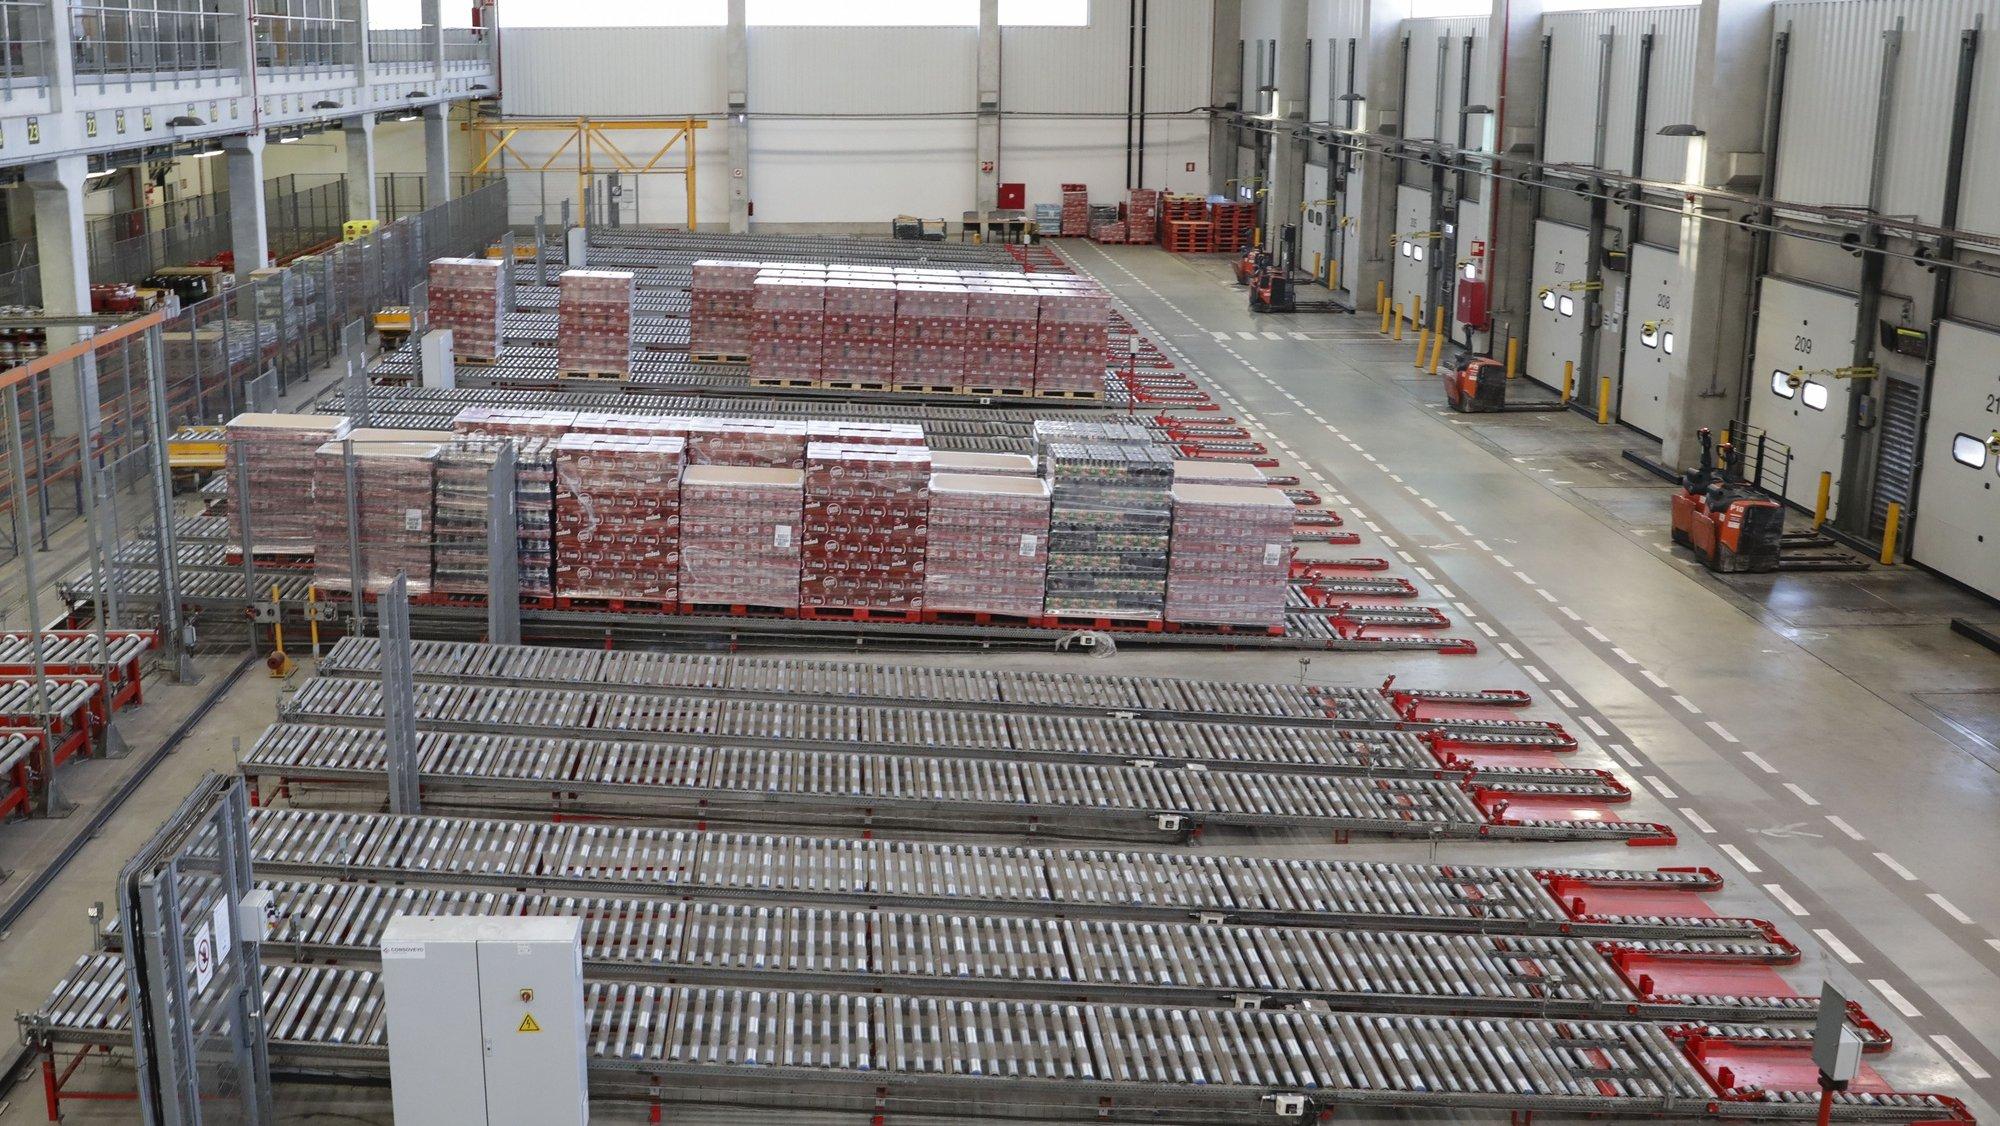 Linha de produção da Super Bock a propósito da cerimónia Comemorativa dos 90 Anos da Unicer, Matosinhos, 10 de novembro de 2017.JOSÉ COELHO/LUSA